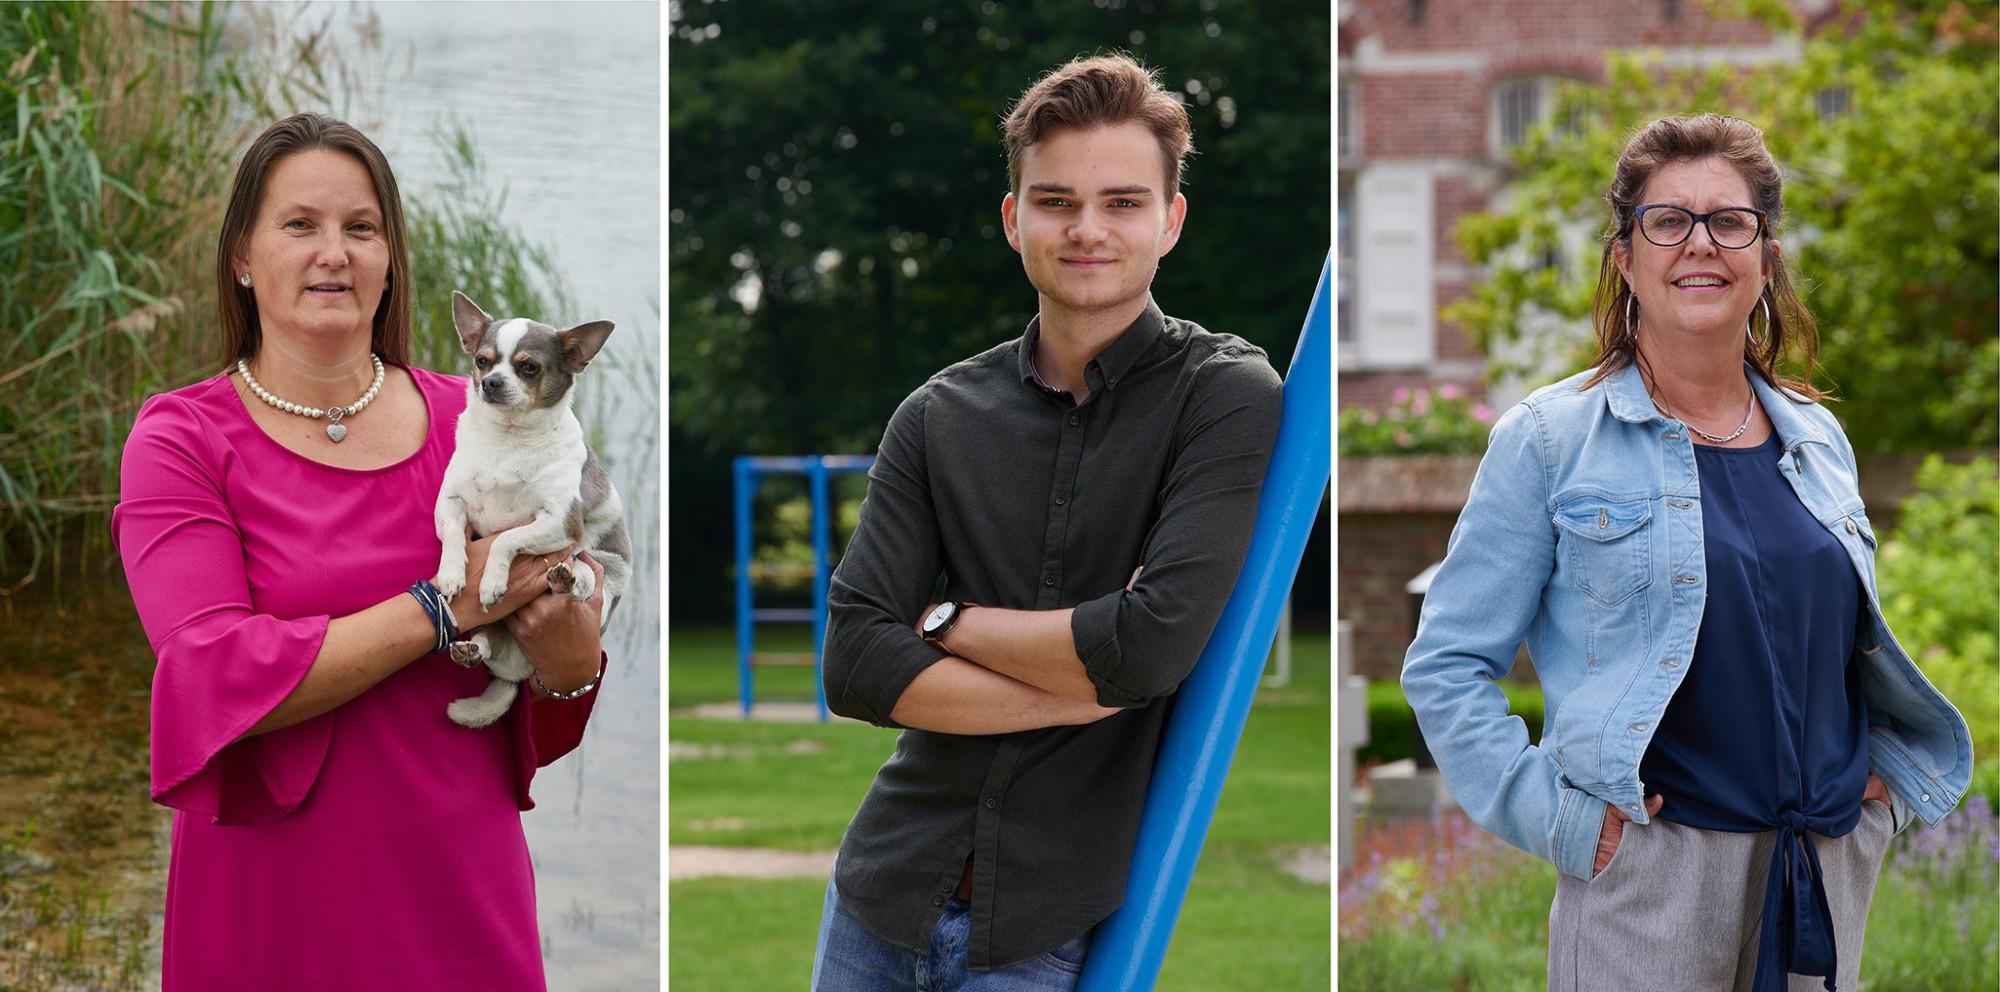 Afbeelding: Portretfotografie op locatie, verkiezingscampagne Hoogstraten Leeft.